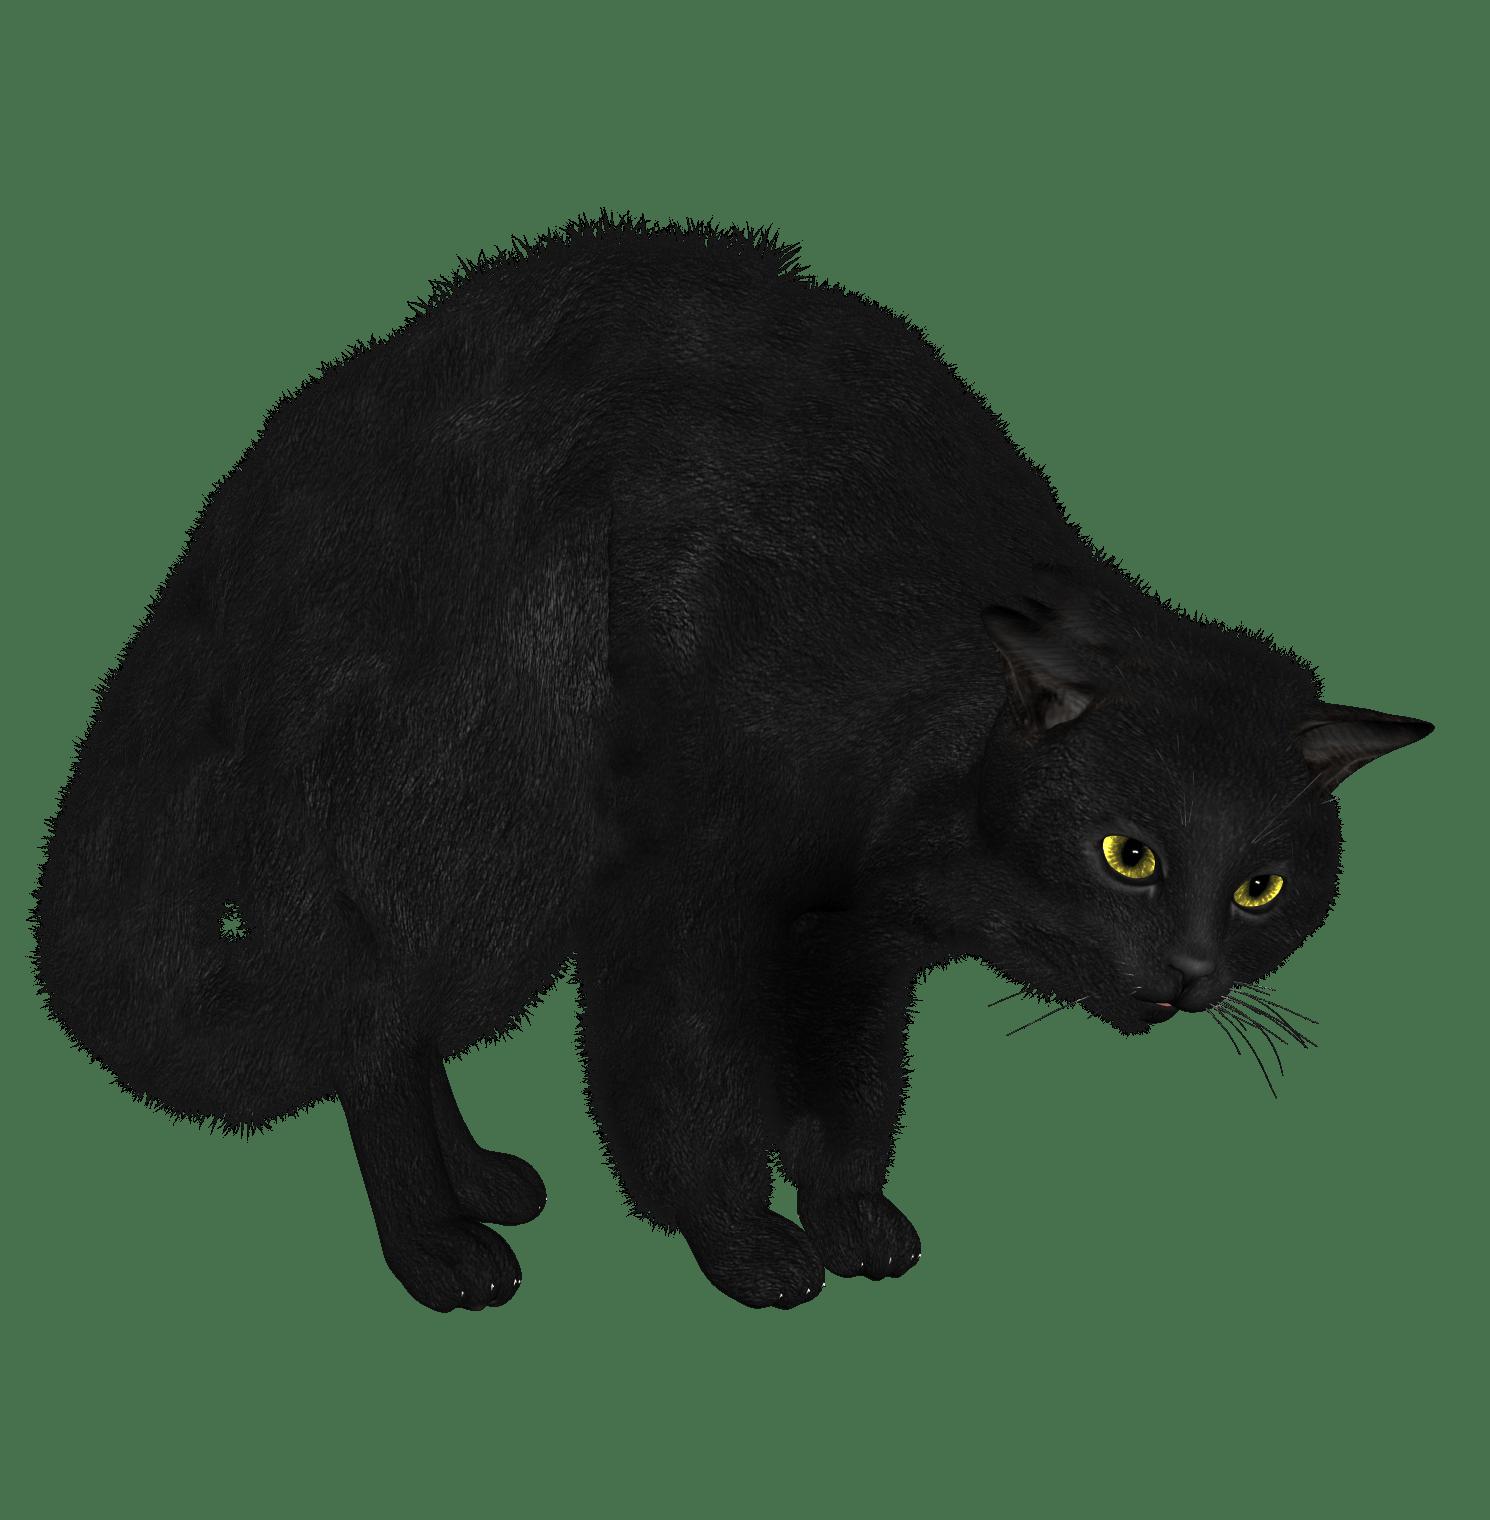 Kittens clipart catblack. Kitten sphynx cat black